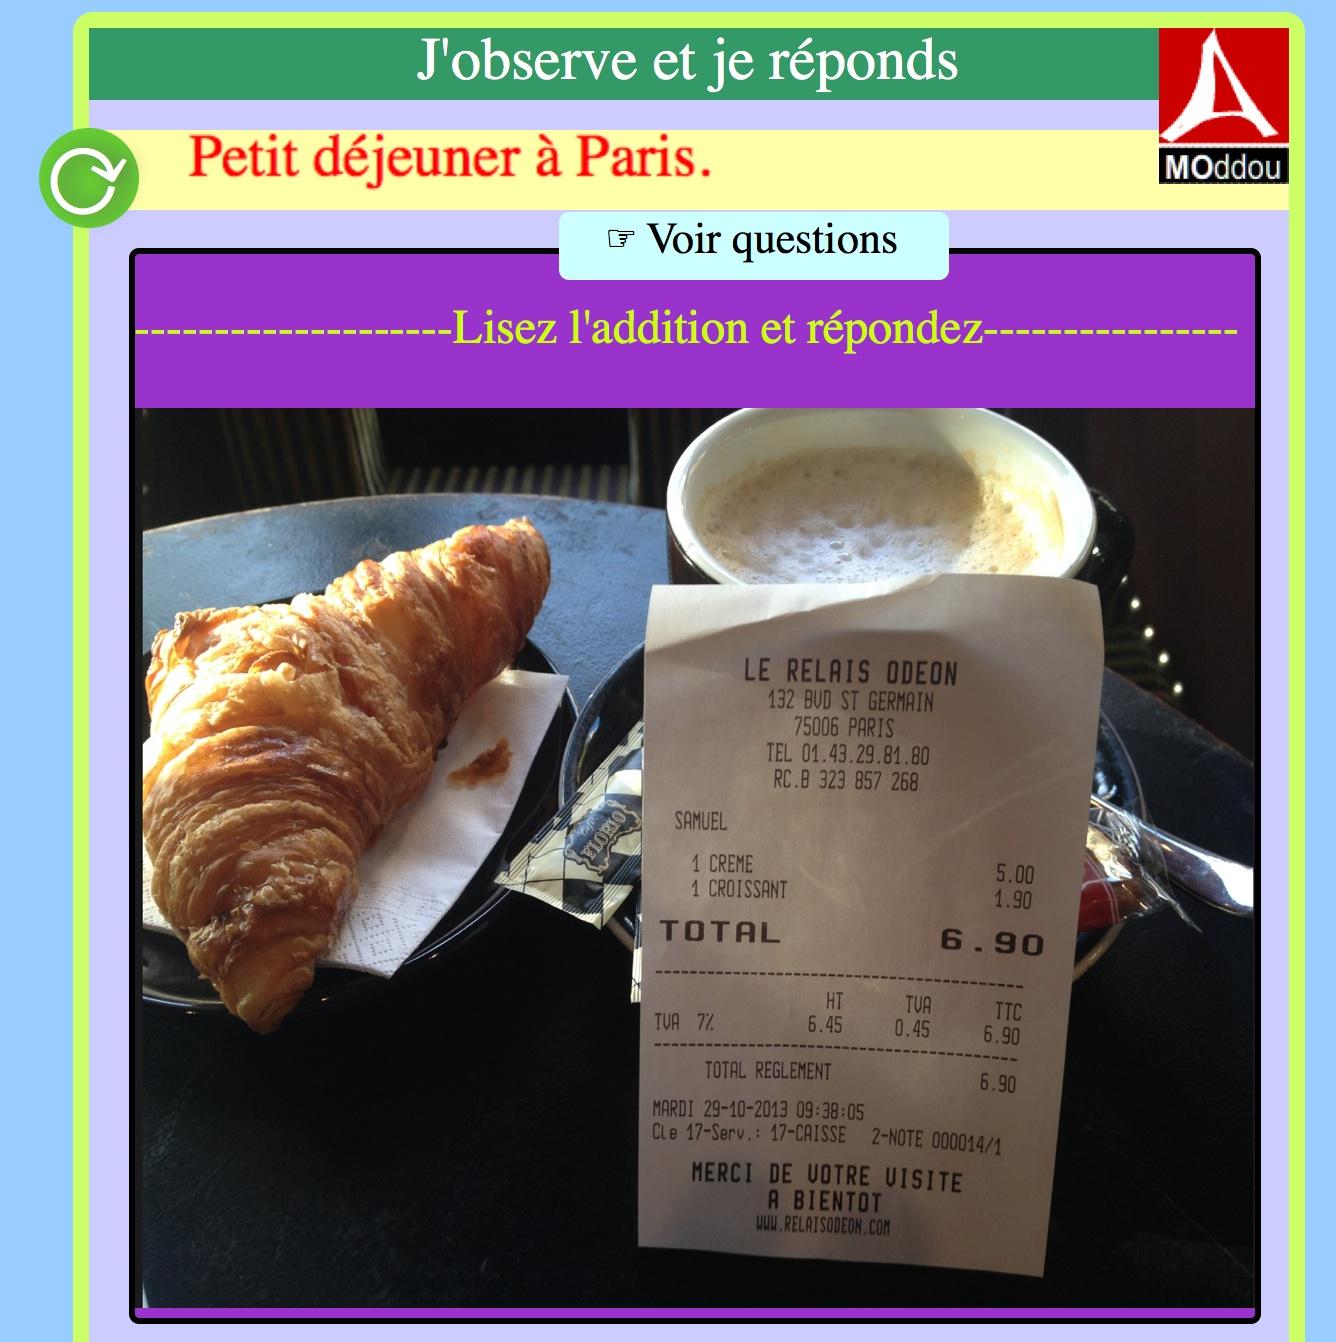 Questions à partir d'un document authentique : un petit déjeuner à Paris.